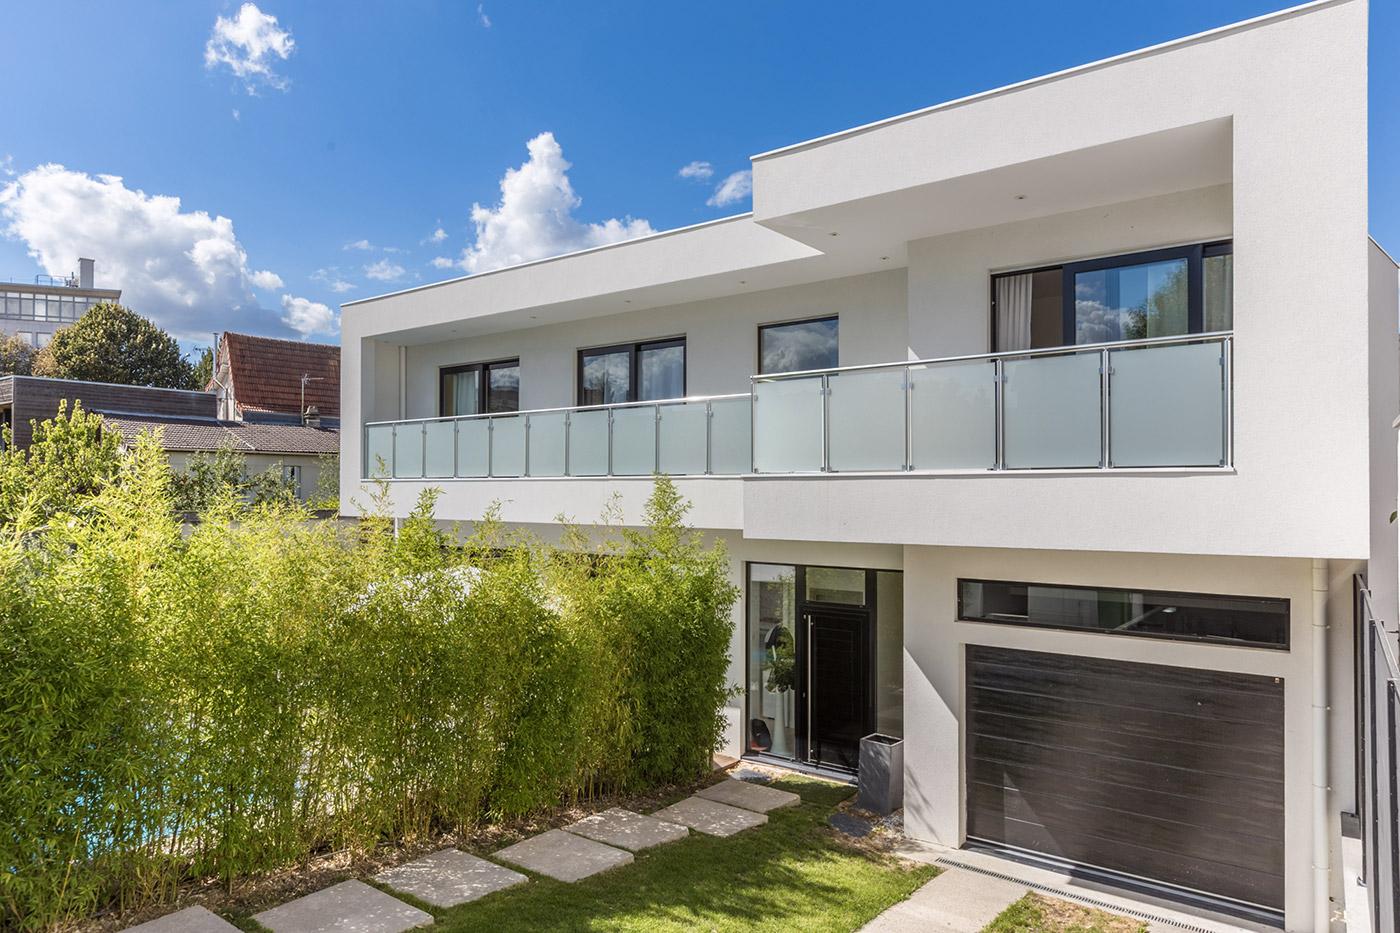 Architecture pur e et design minimaliste pour une maison for Architecture maison design